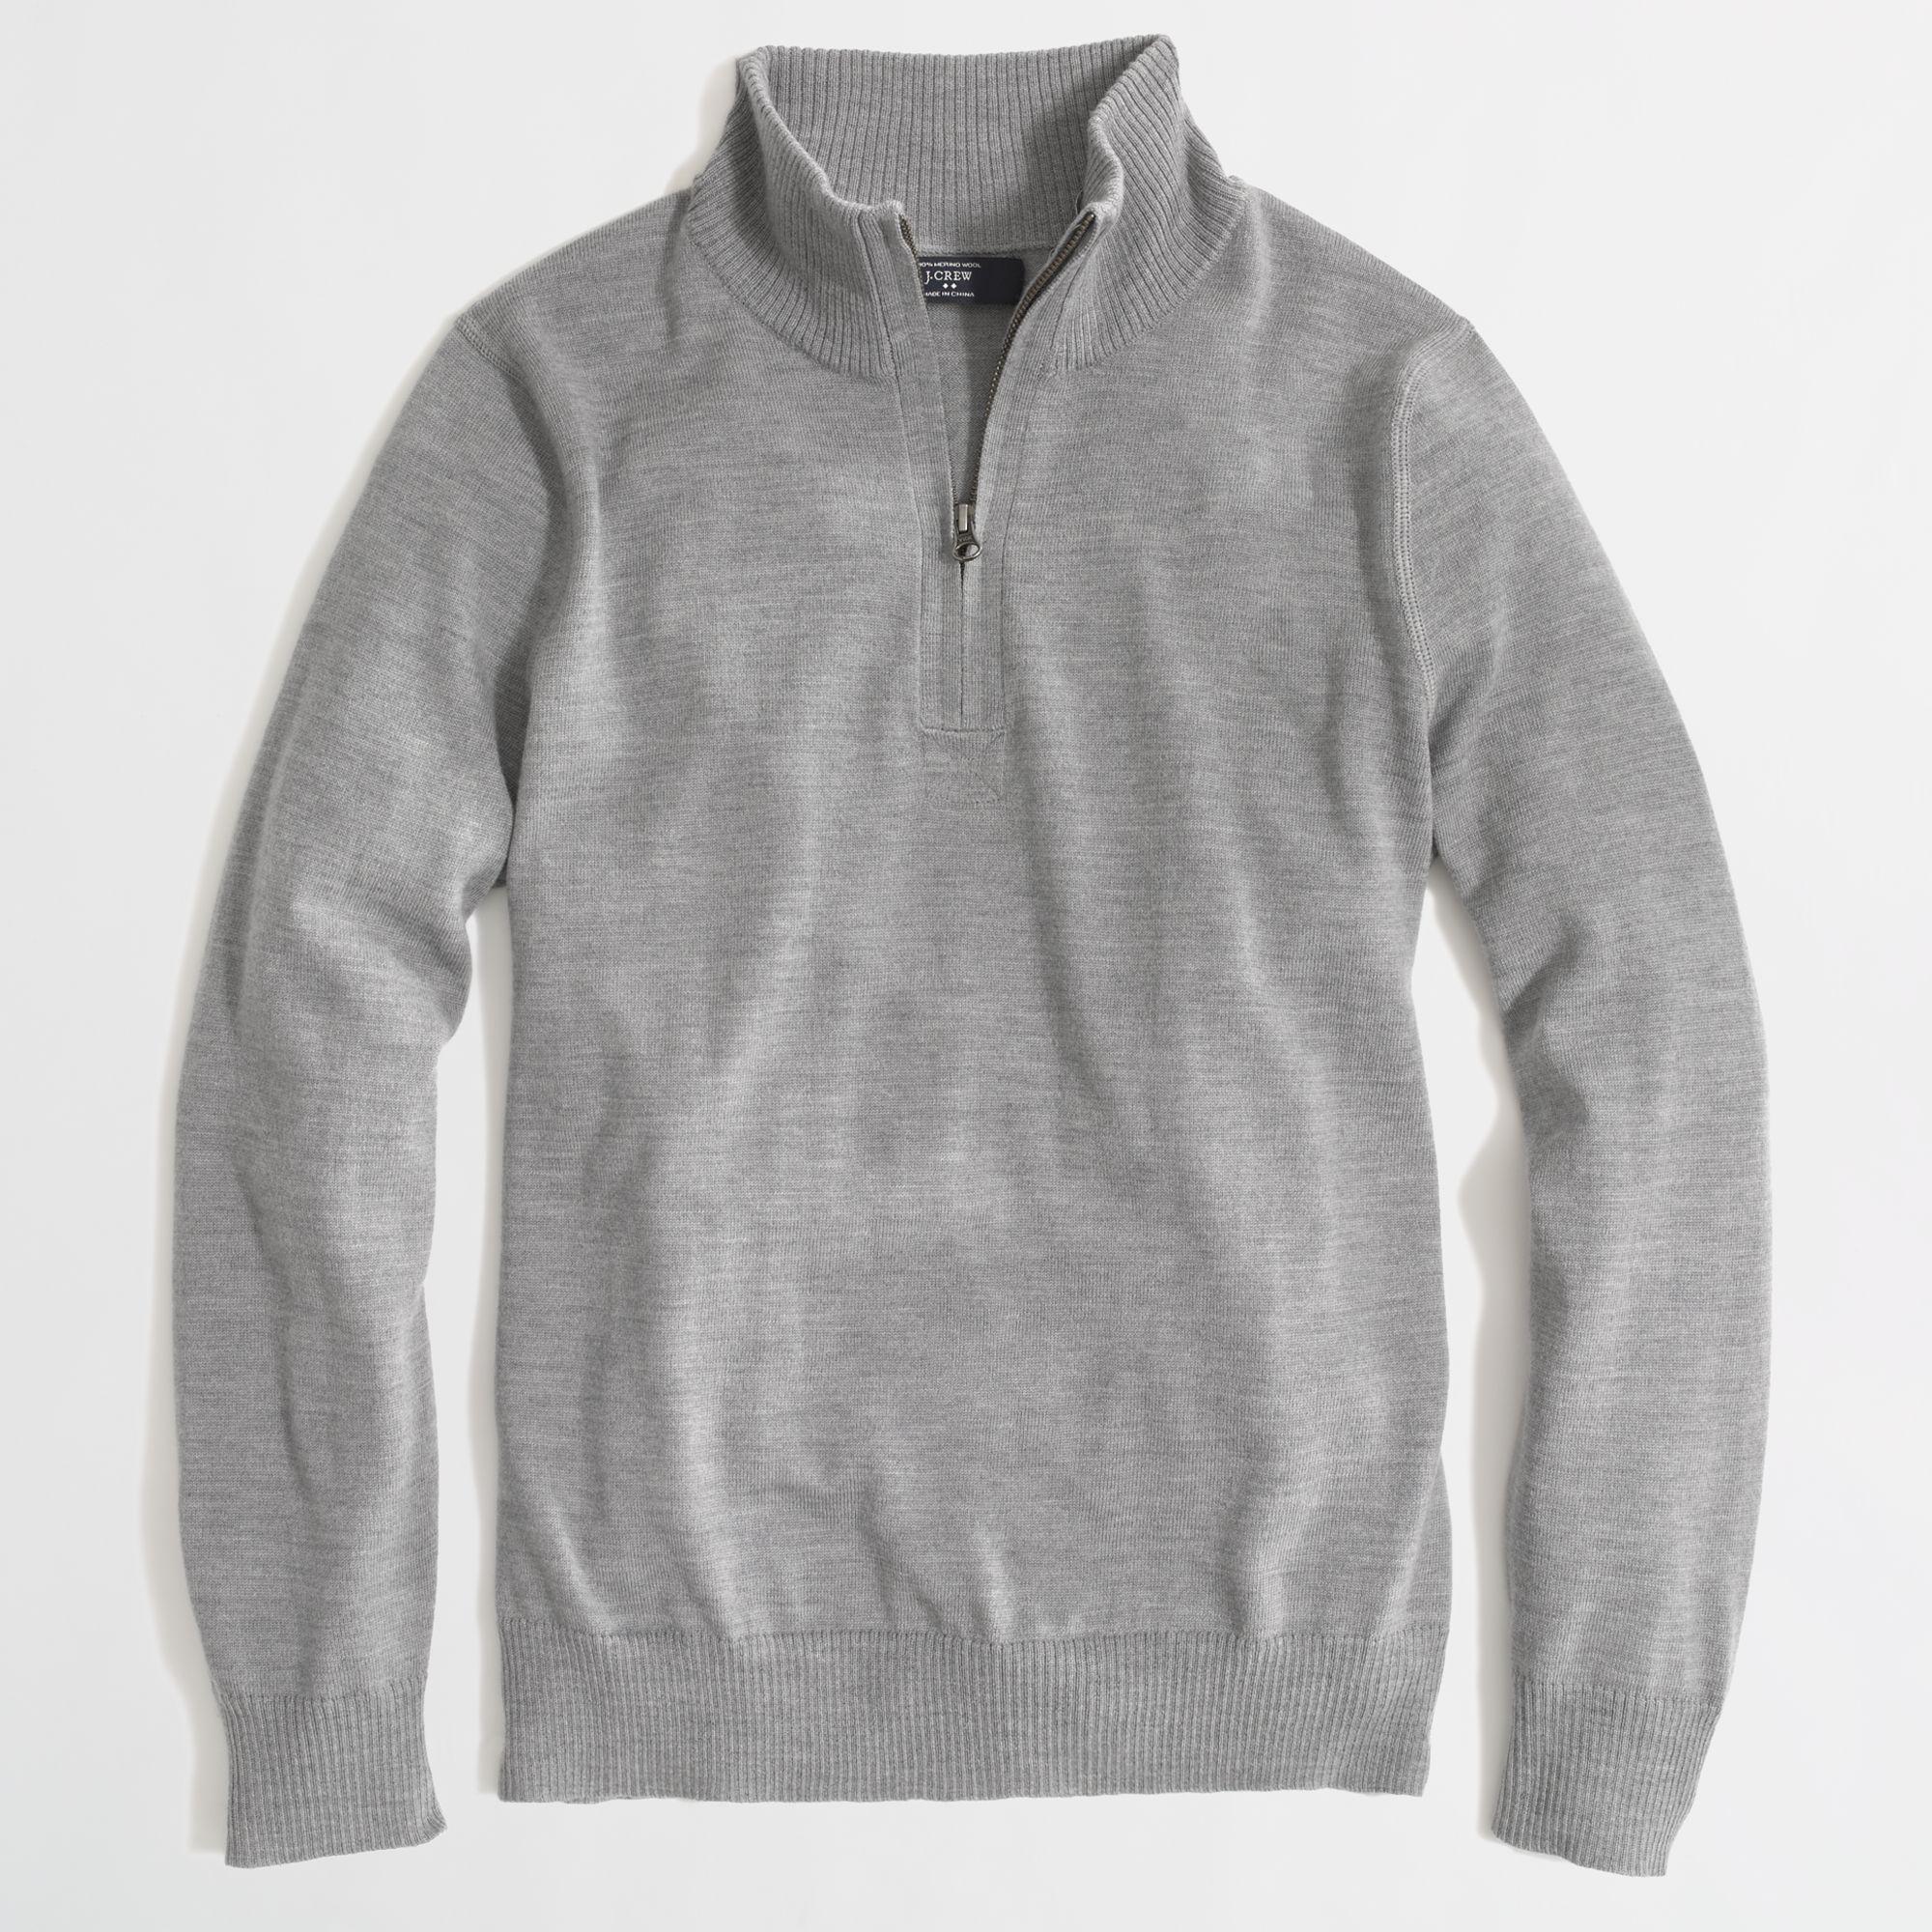 Hollister Oberbekleidung Returns Exchanges Hollister Pullover Hollister Hoodies Hollister Jeans: J.Crew Factory Merino Half Zip Sweater In Gray For Men